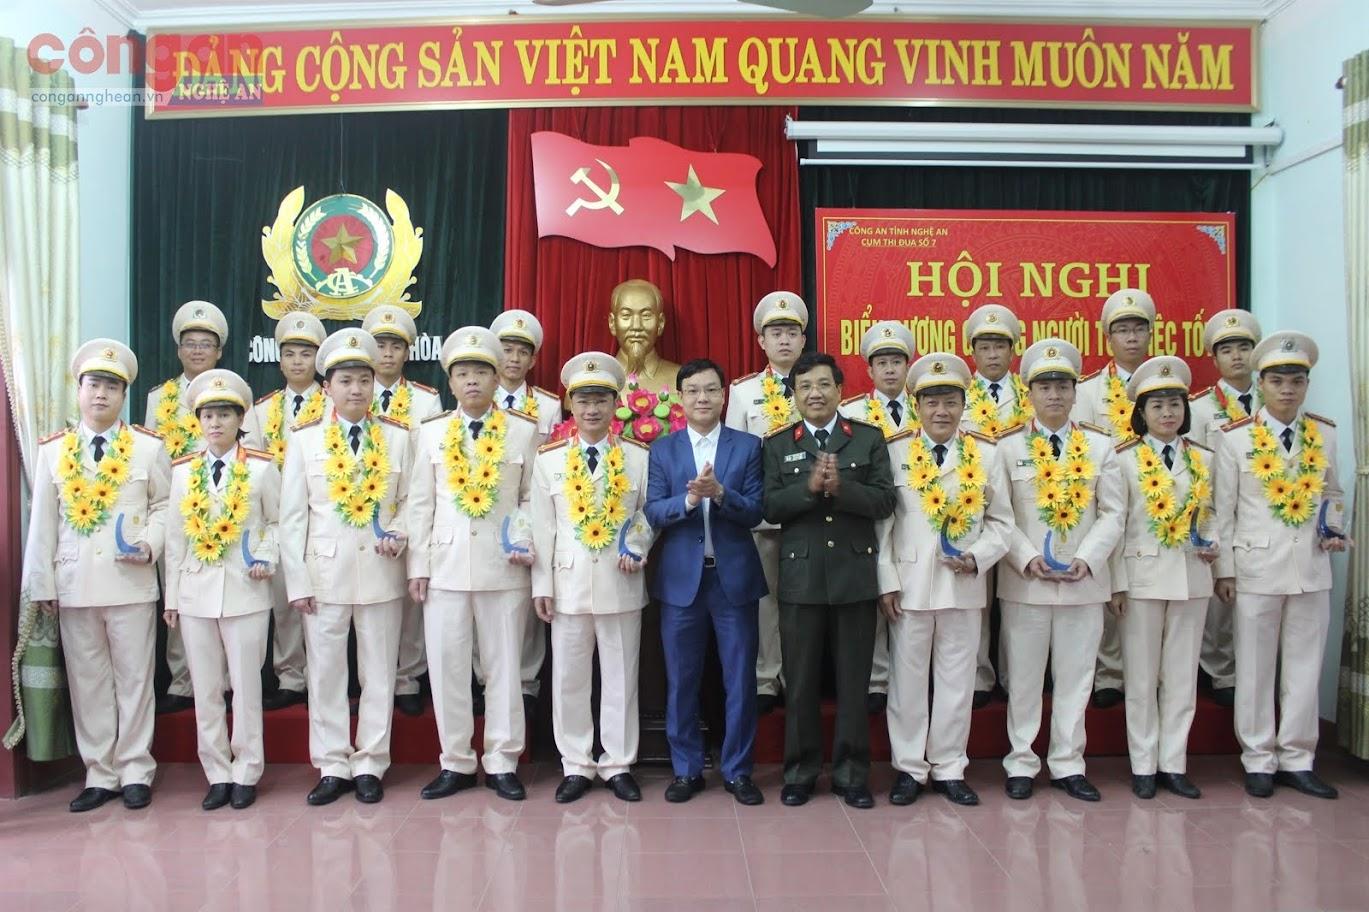 """Lãnh đạo Công an tỉnh và Thị ủy Thái Hòa khen thưởng các cá nhân có thành tích xuất sắc trong thực hiện phong trào thi đua """"Vì ANTQ"""" giai đoạn 2015 - 2020"""